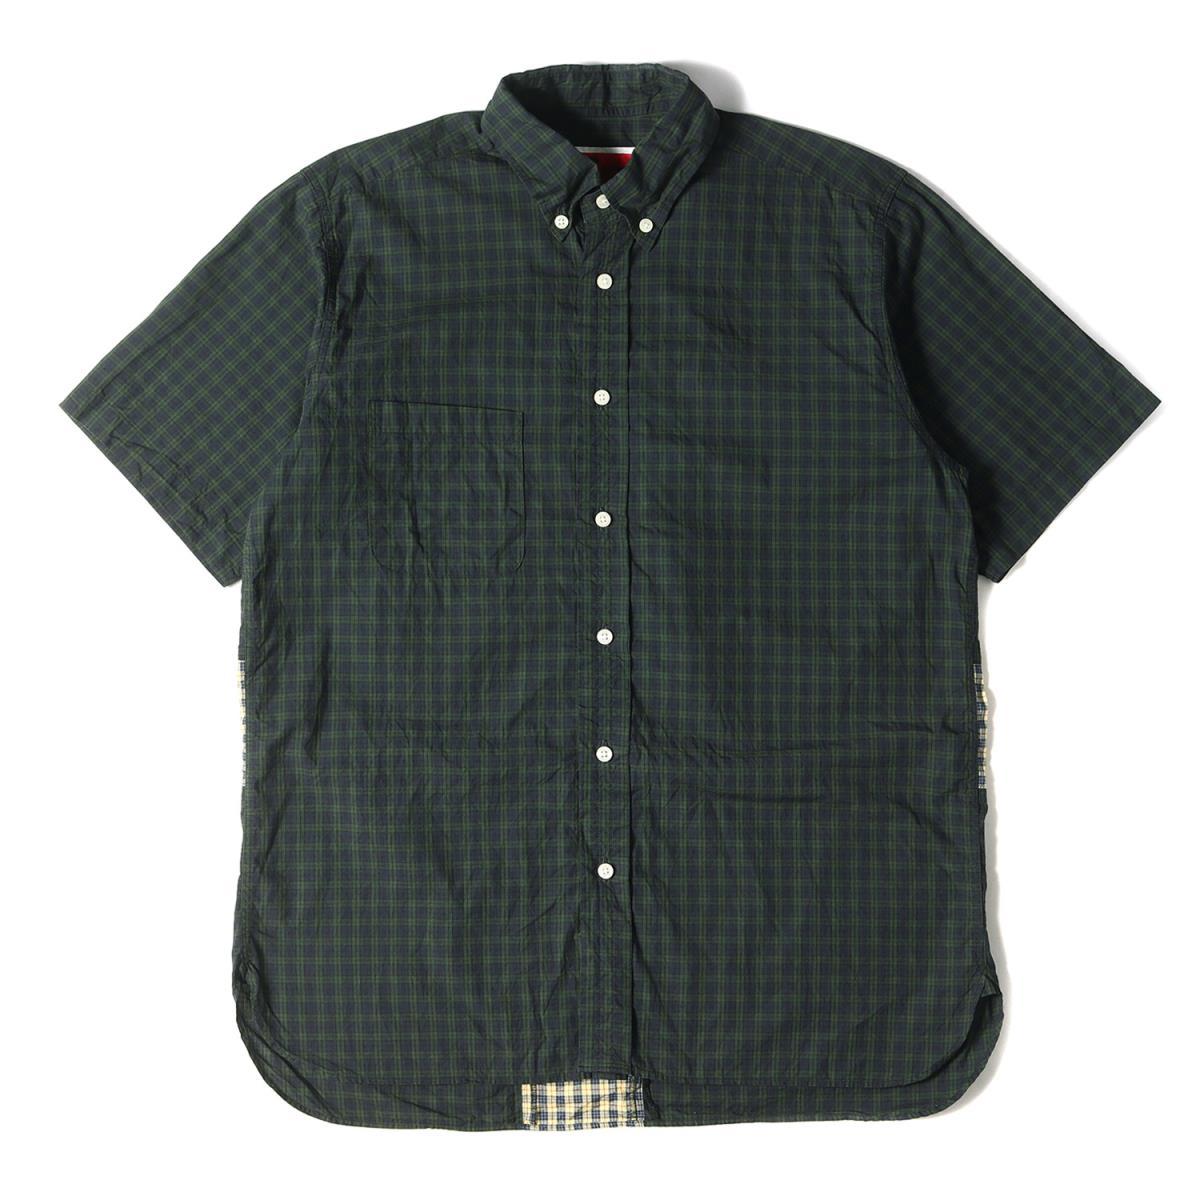 トップス, カジュアルシャツ GENERAL RESEARCH 00s M K2724